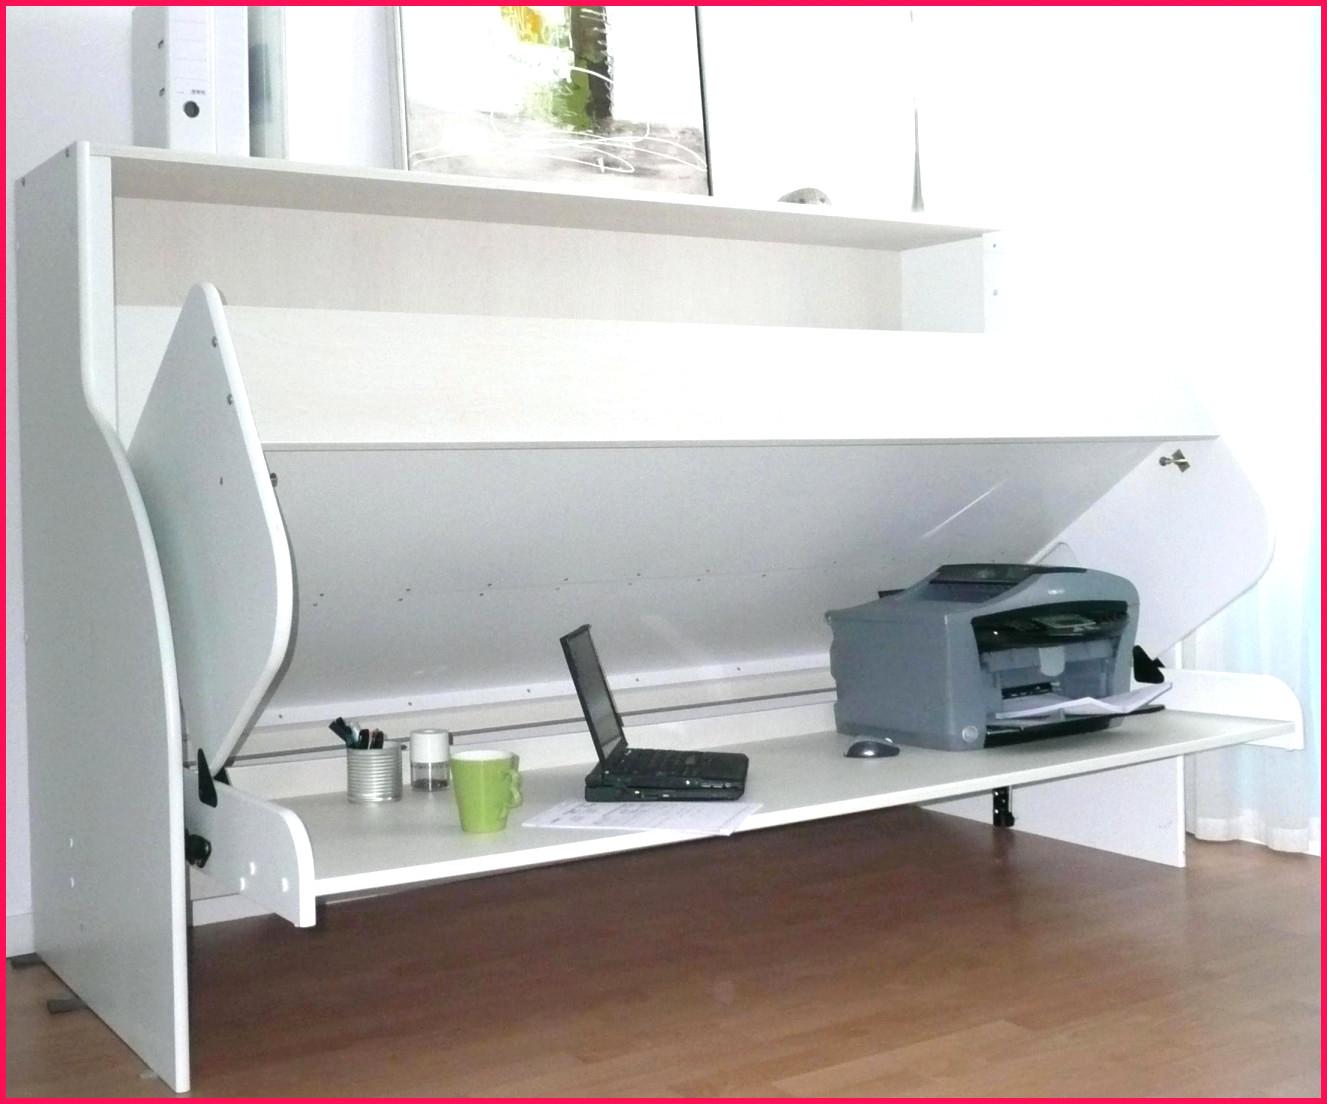 Canapé Lit 2 Places Ikea Élégant Collection 23 Beau En Ligne Lit Escamotable Avec Canap Inspiration Maison Avec